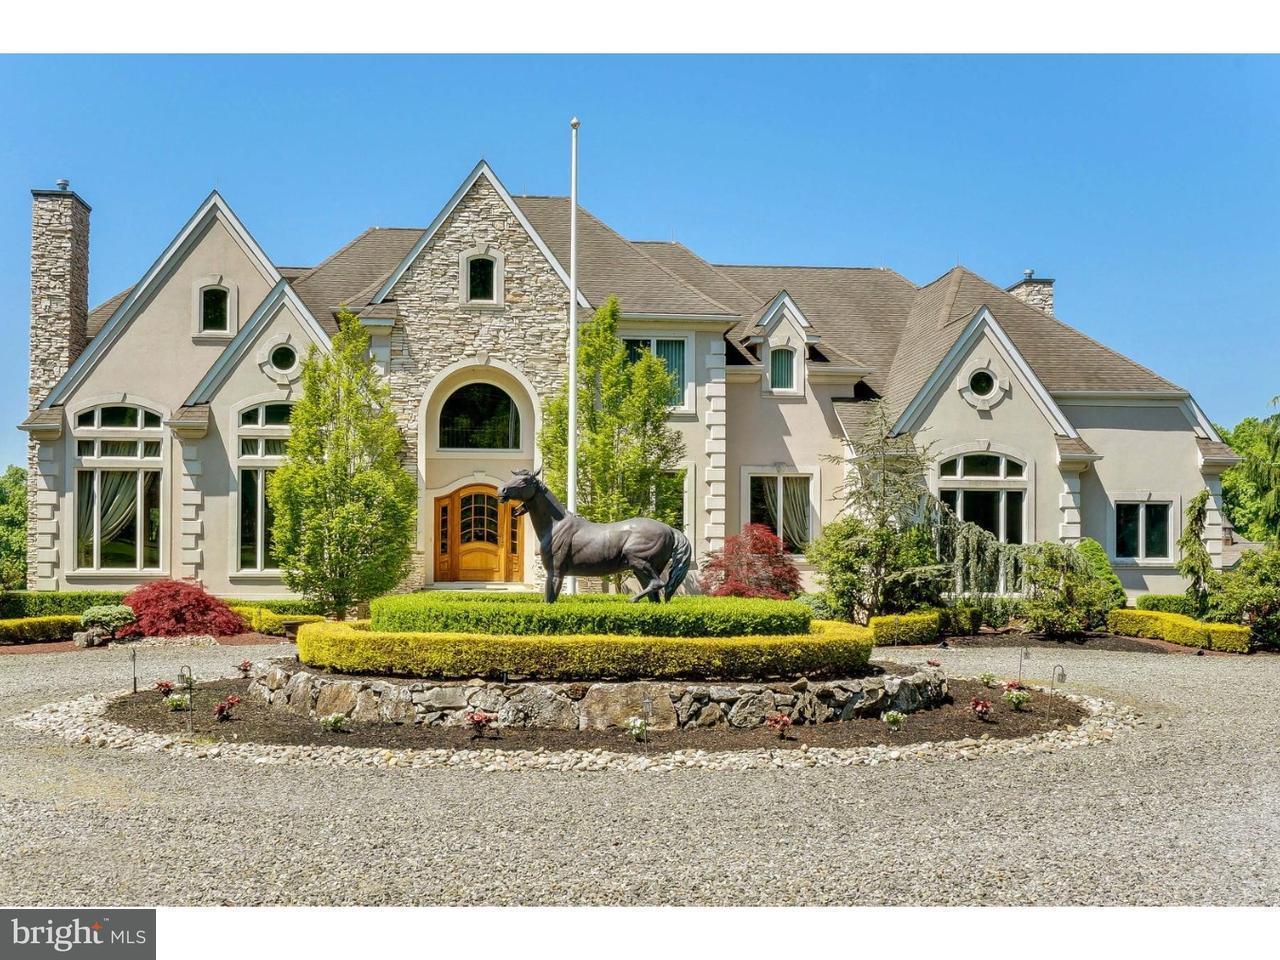 Casa Unifamiliar por un Venta en 104 MEIRS Road Cream Ridge, Nueva Jersey 08514 Estados UnidosEn/Alrededor: Upper Freehold Township